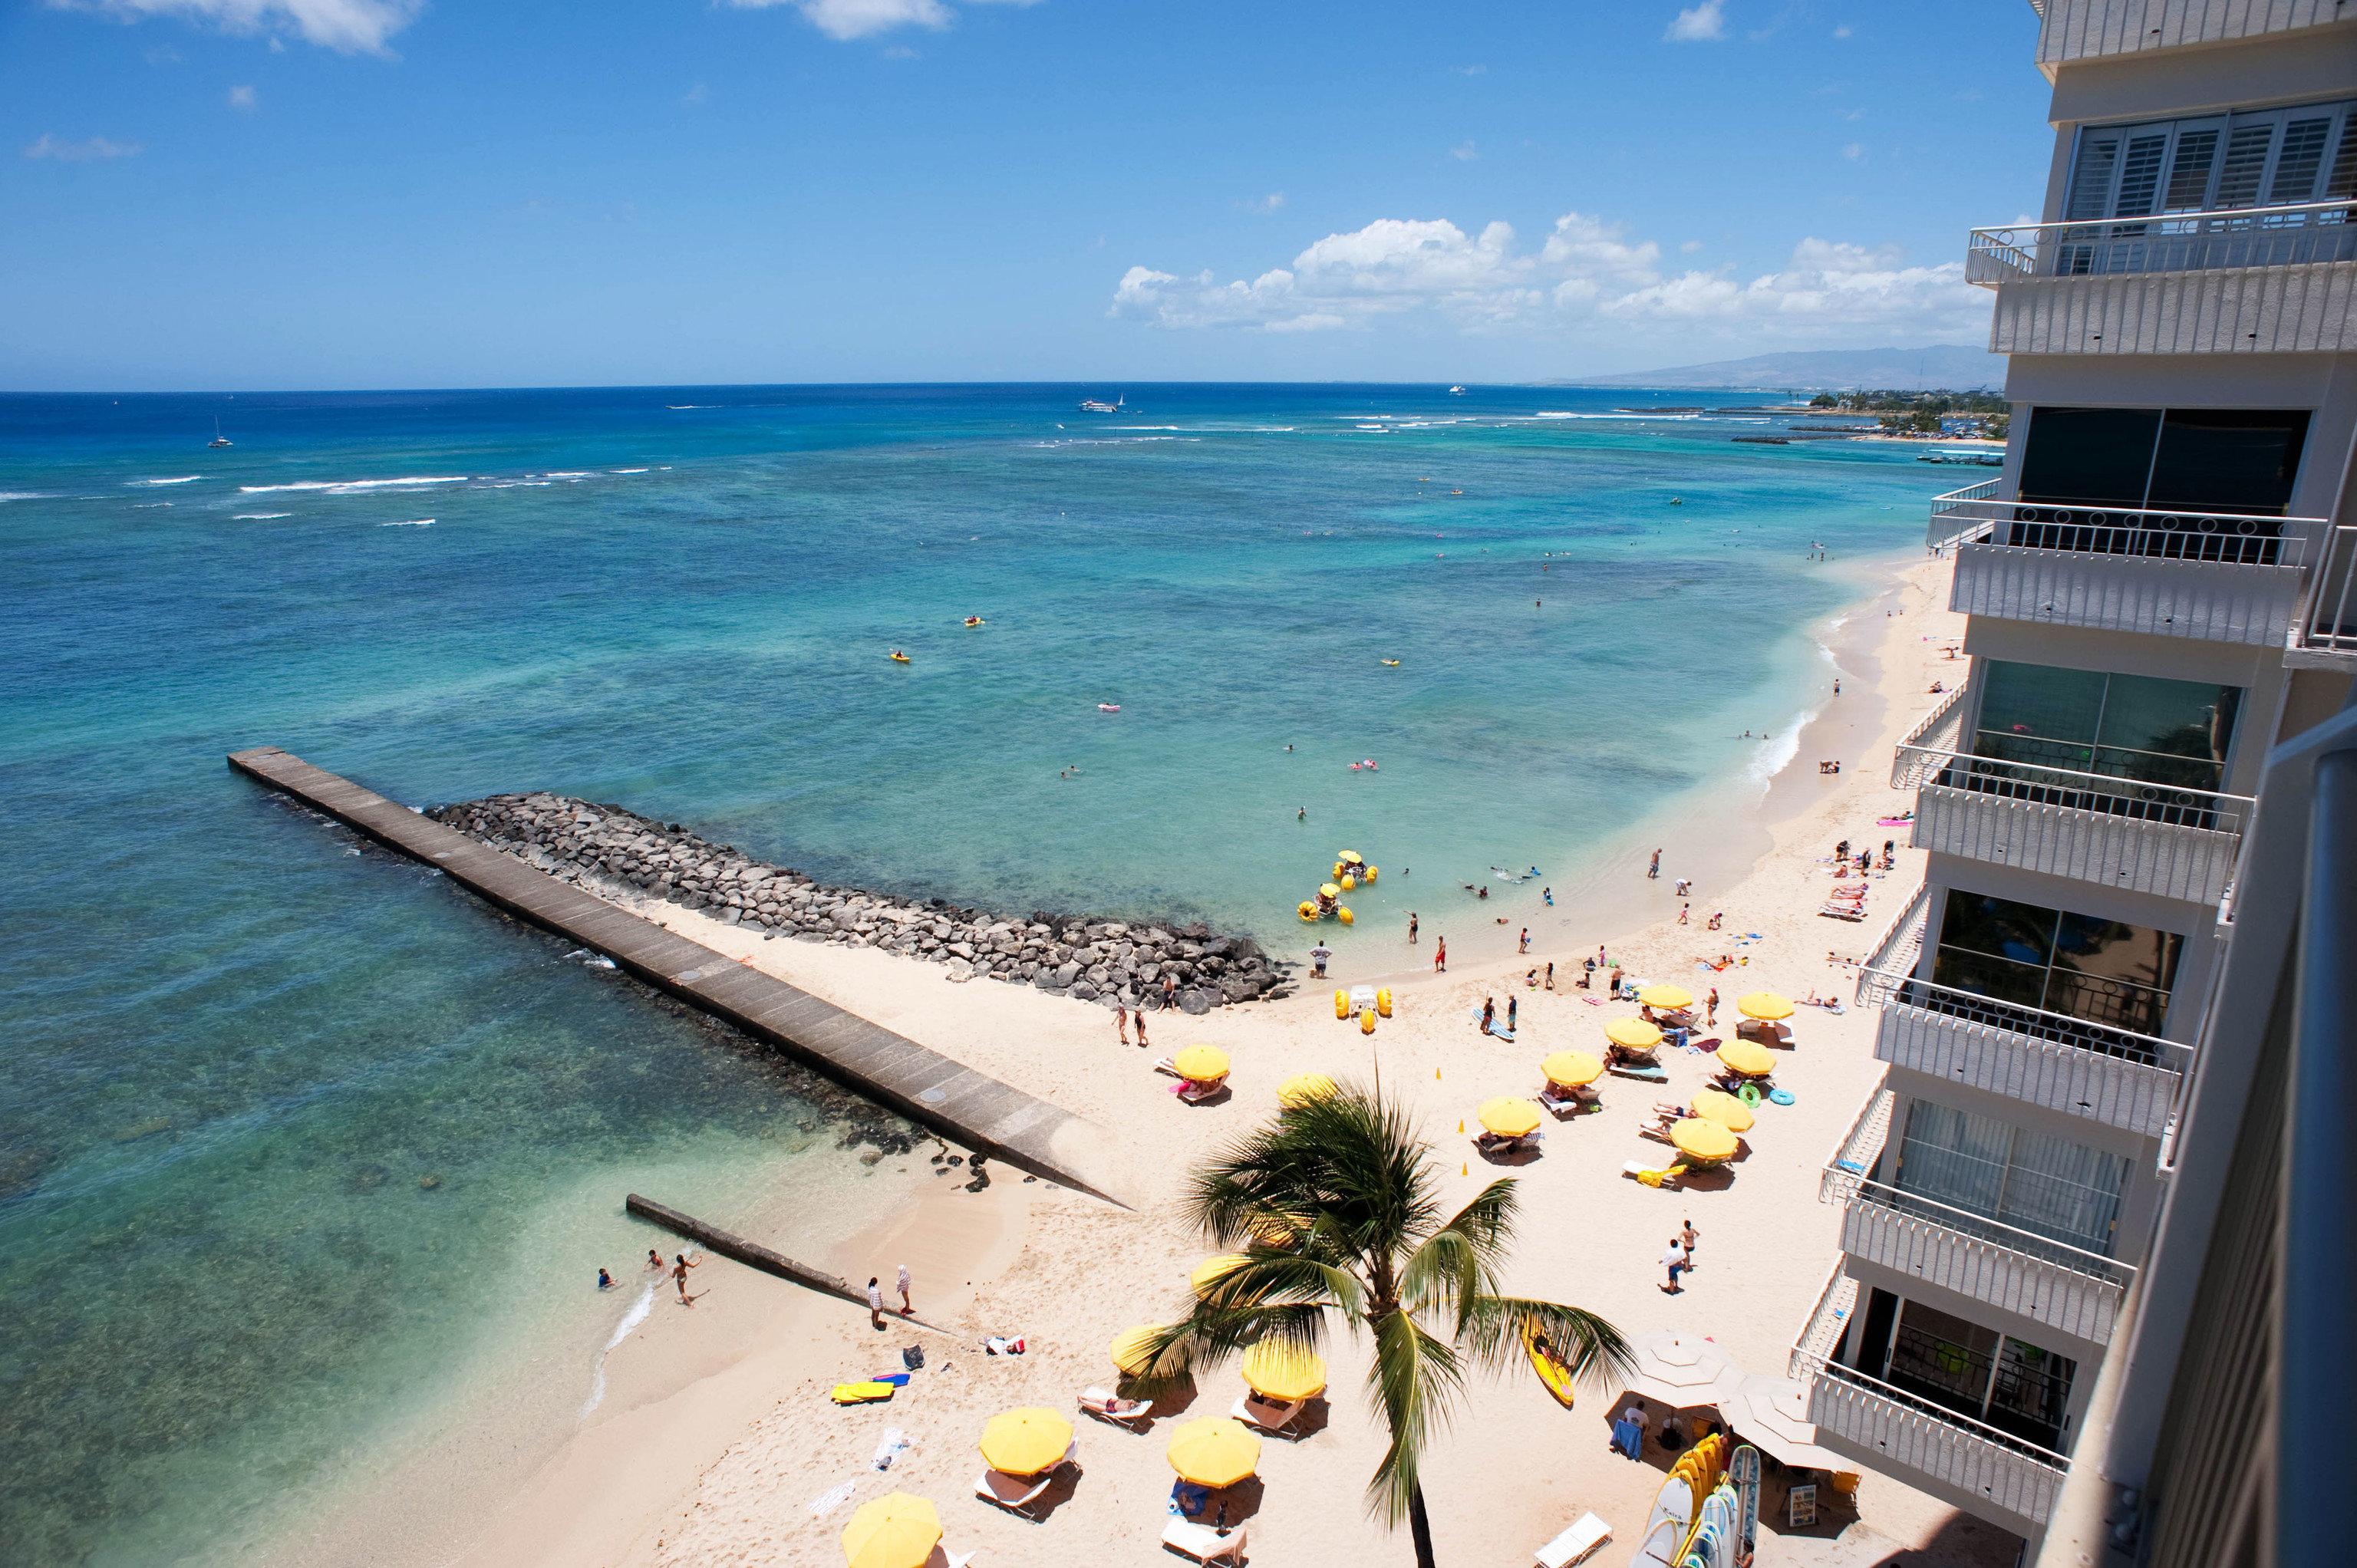 water sky Sea caribbean Ocean Beach Nature Coast cape vehicle tropics shore